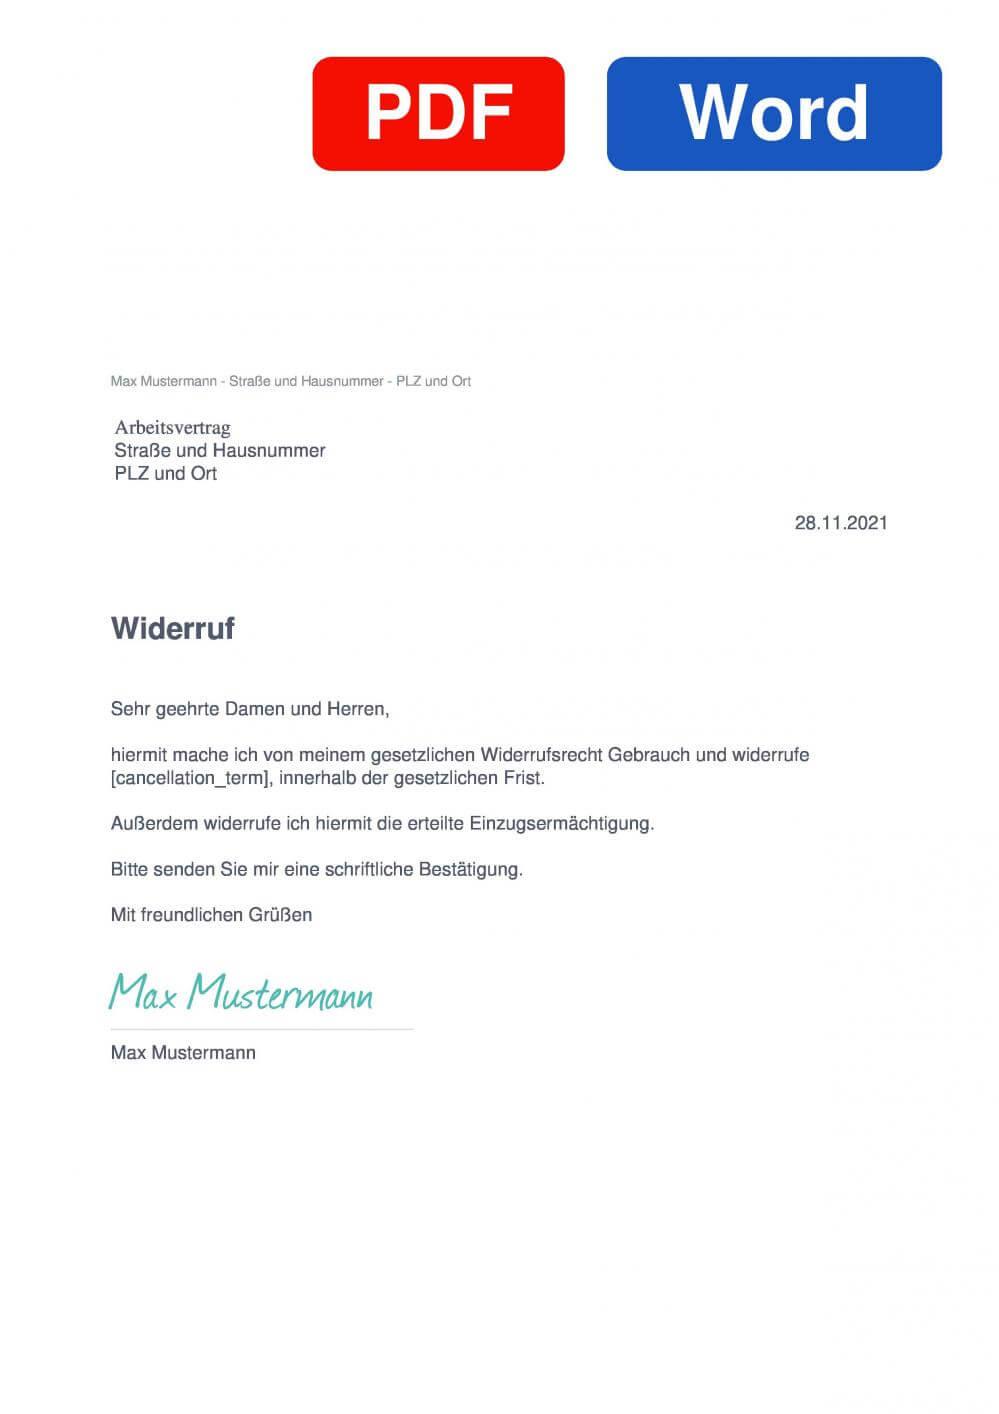 Arbeitsvertrag Muster Vorlage für Wiederrufsschreiben